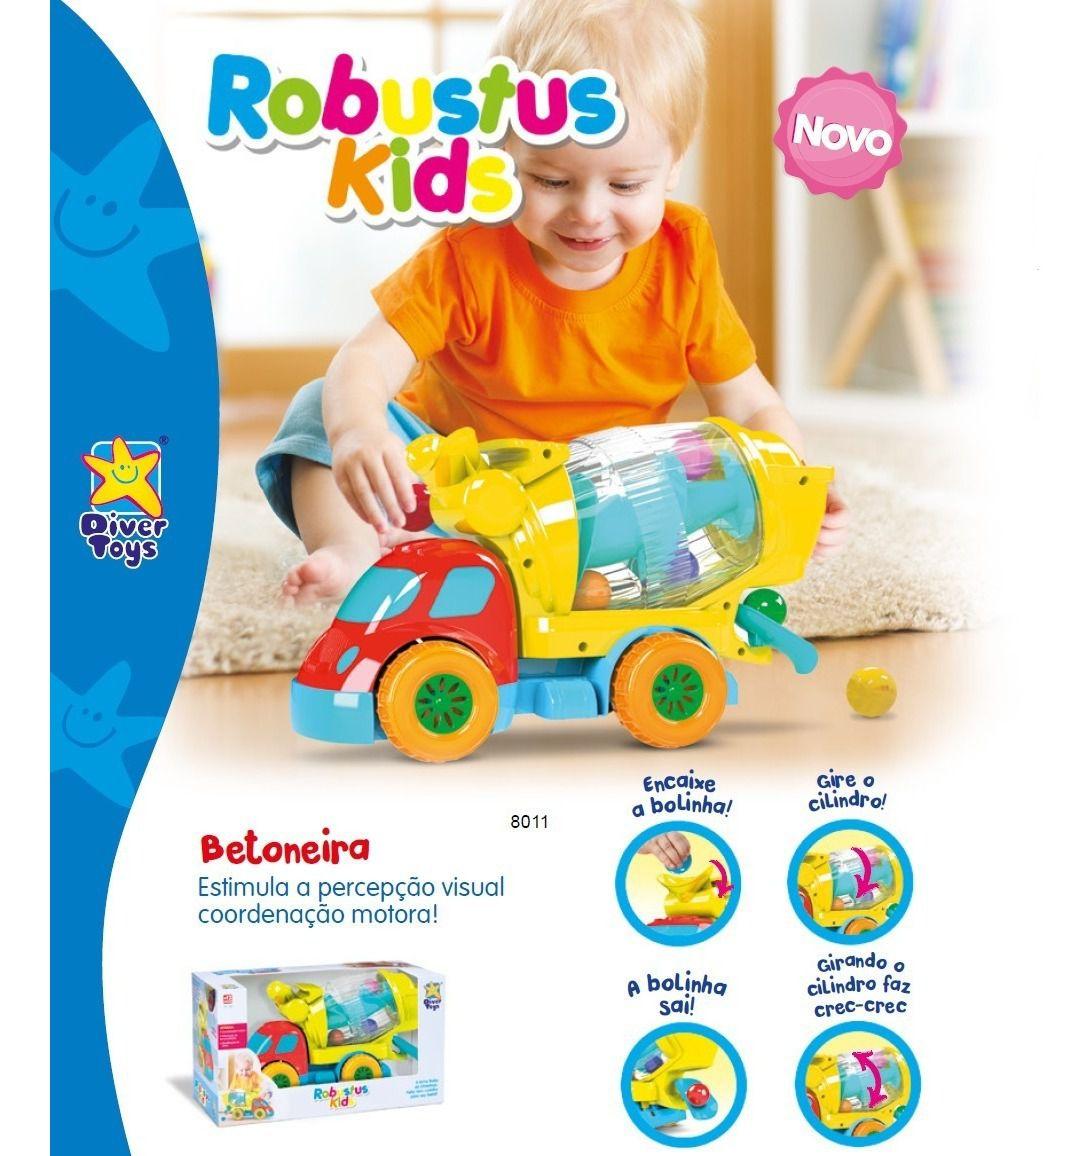 BETONEIRA DE BOLINHAS ROBUSTUS KIDS 8011 DIVER TOYS